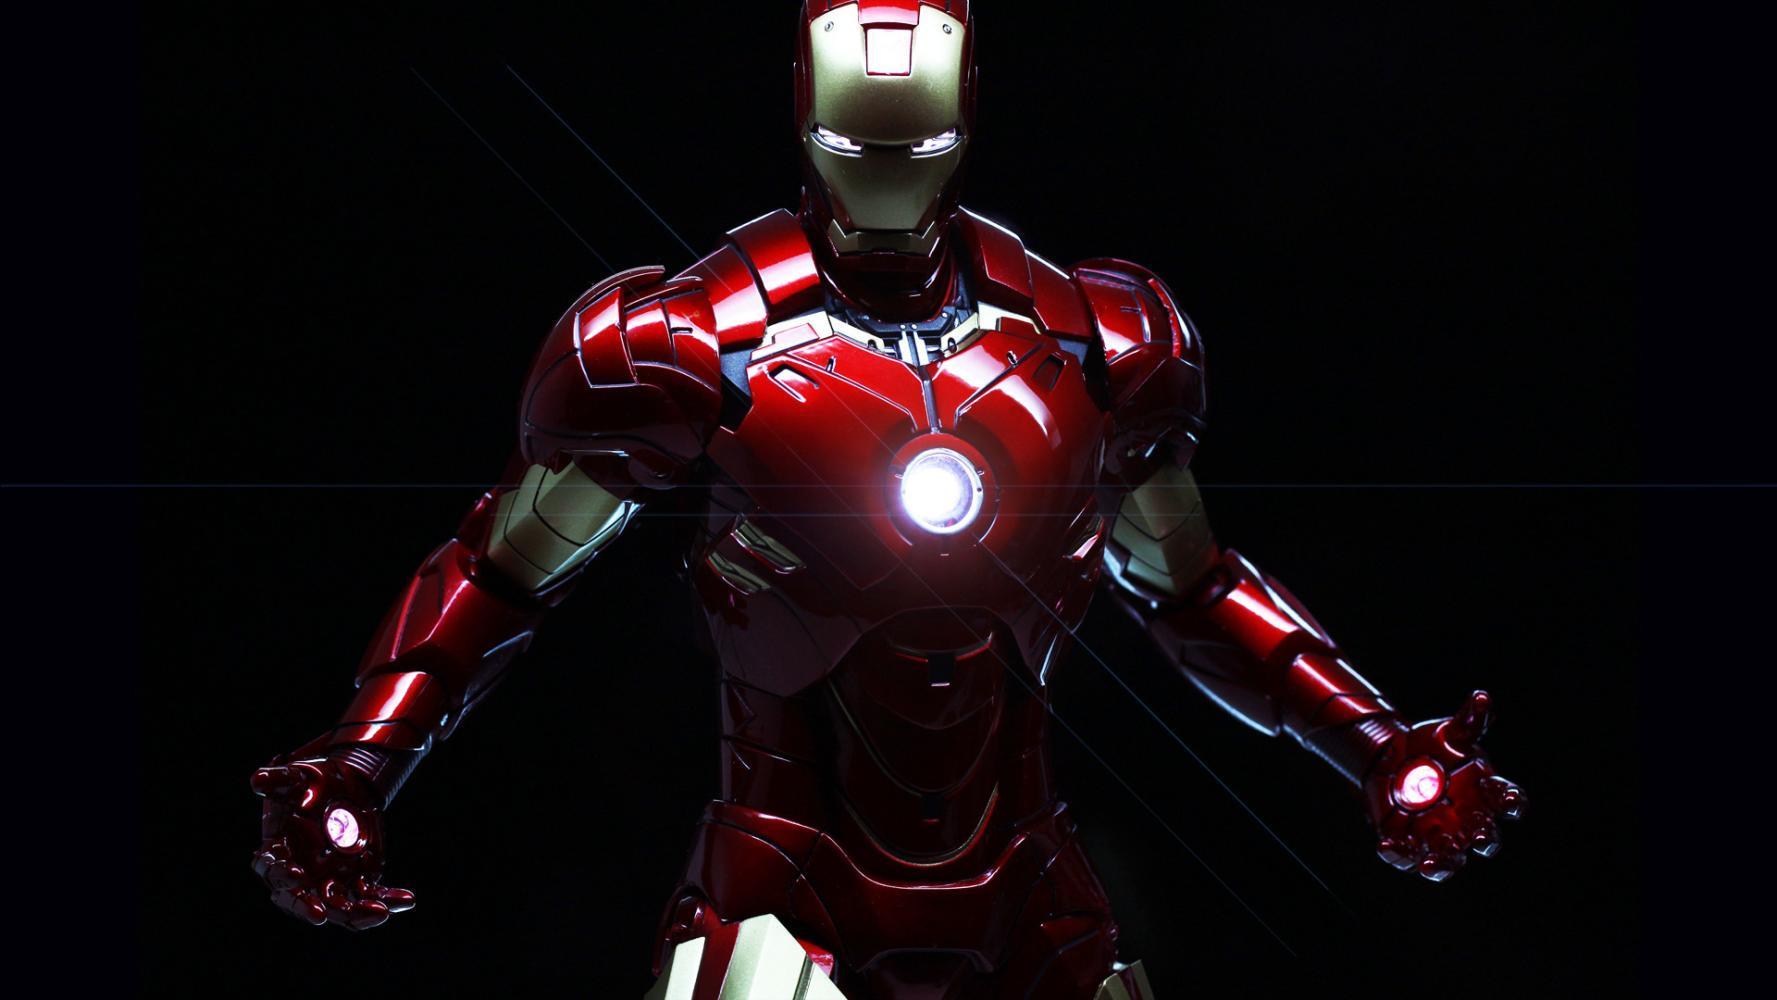 钢铁侠最土豪的一套战甲,纯金外表,既帅气又强大